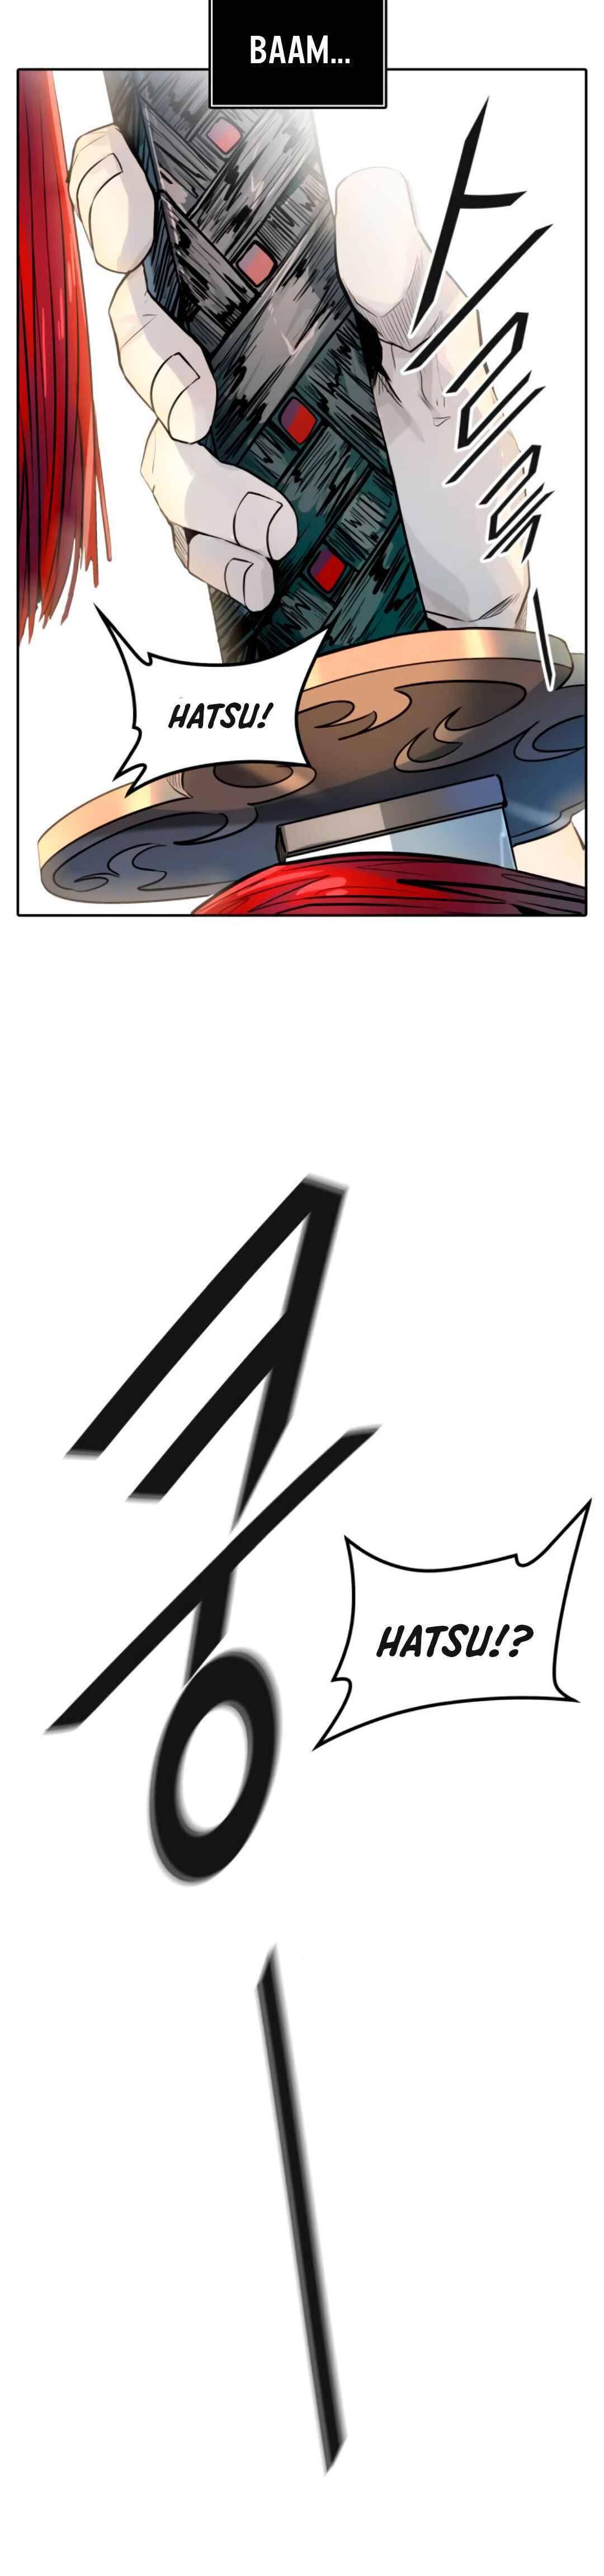 tower of god anime, japanese names for korean citiestower of god anime, tower of god wiki, tower of god crunchyroll, tower of god characters, tower of god reddit, tower of god novel, tower of god mal, tower of god baam, tower of god wiki ghost, tower of god rachel, tower of god khun, tower of god anime studio, tower of god plot, tower of god jahad princess, jahad tower of god, yuri jahad, baam tower of god, endorsi jahad, rachel tower of god, enryu tower of god, tower of god v, tower of god khun ran, khun tower of god age, tower of god baam and khun, tower of god khun marco, khun eduan, tower of god khun death, khun tower of god, maria tower of god, zahard tower of god, jordan tower of god, icarus tower of god, kiseia tower of god, arie tower of god, tower of god wangnan sword, tower of god wangnan power